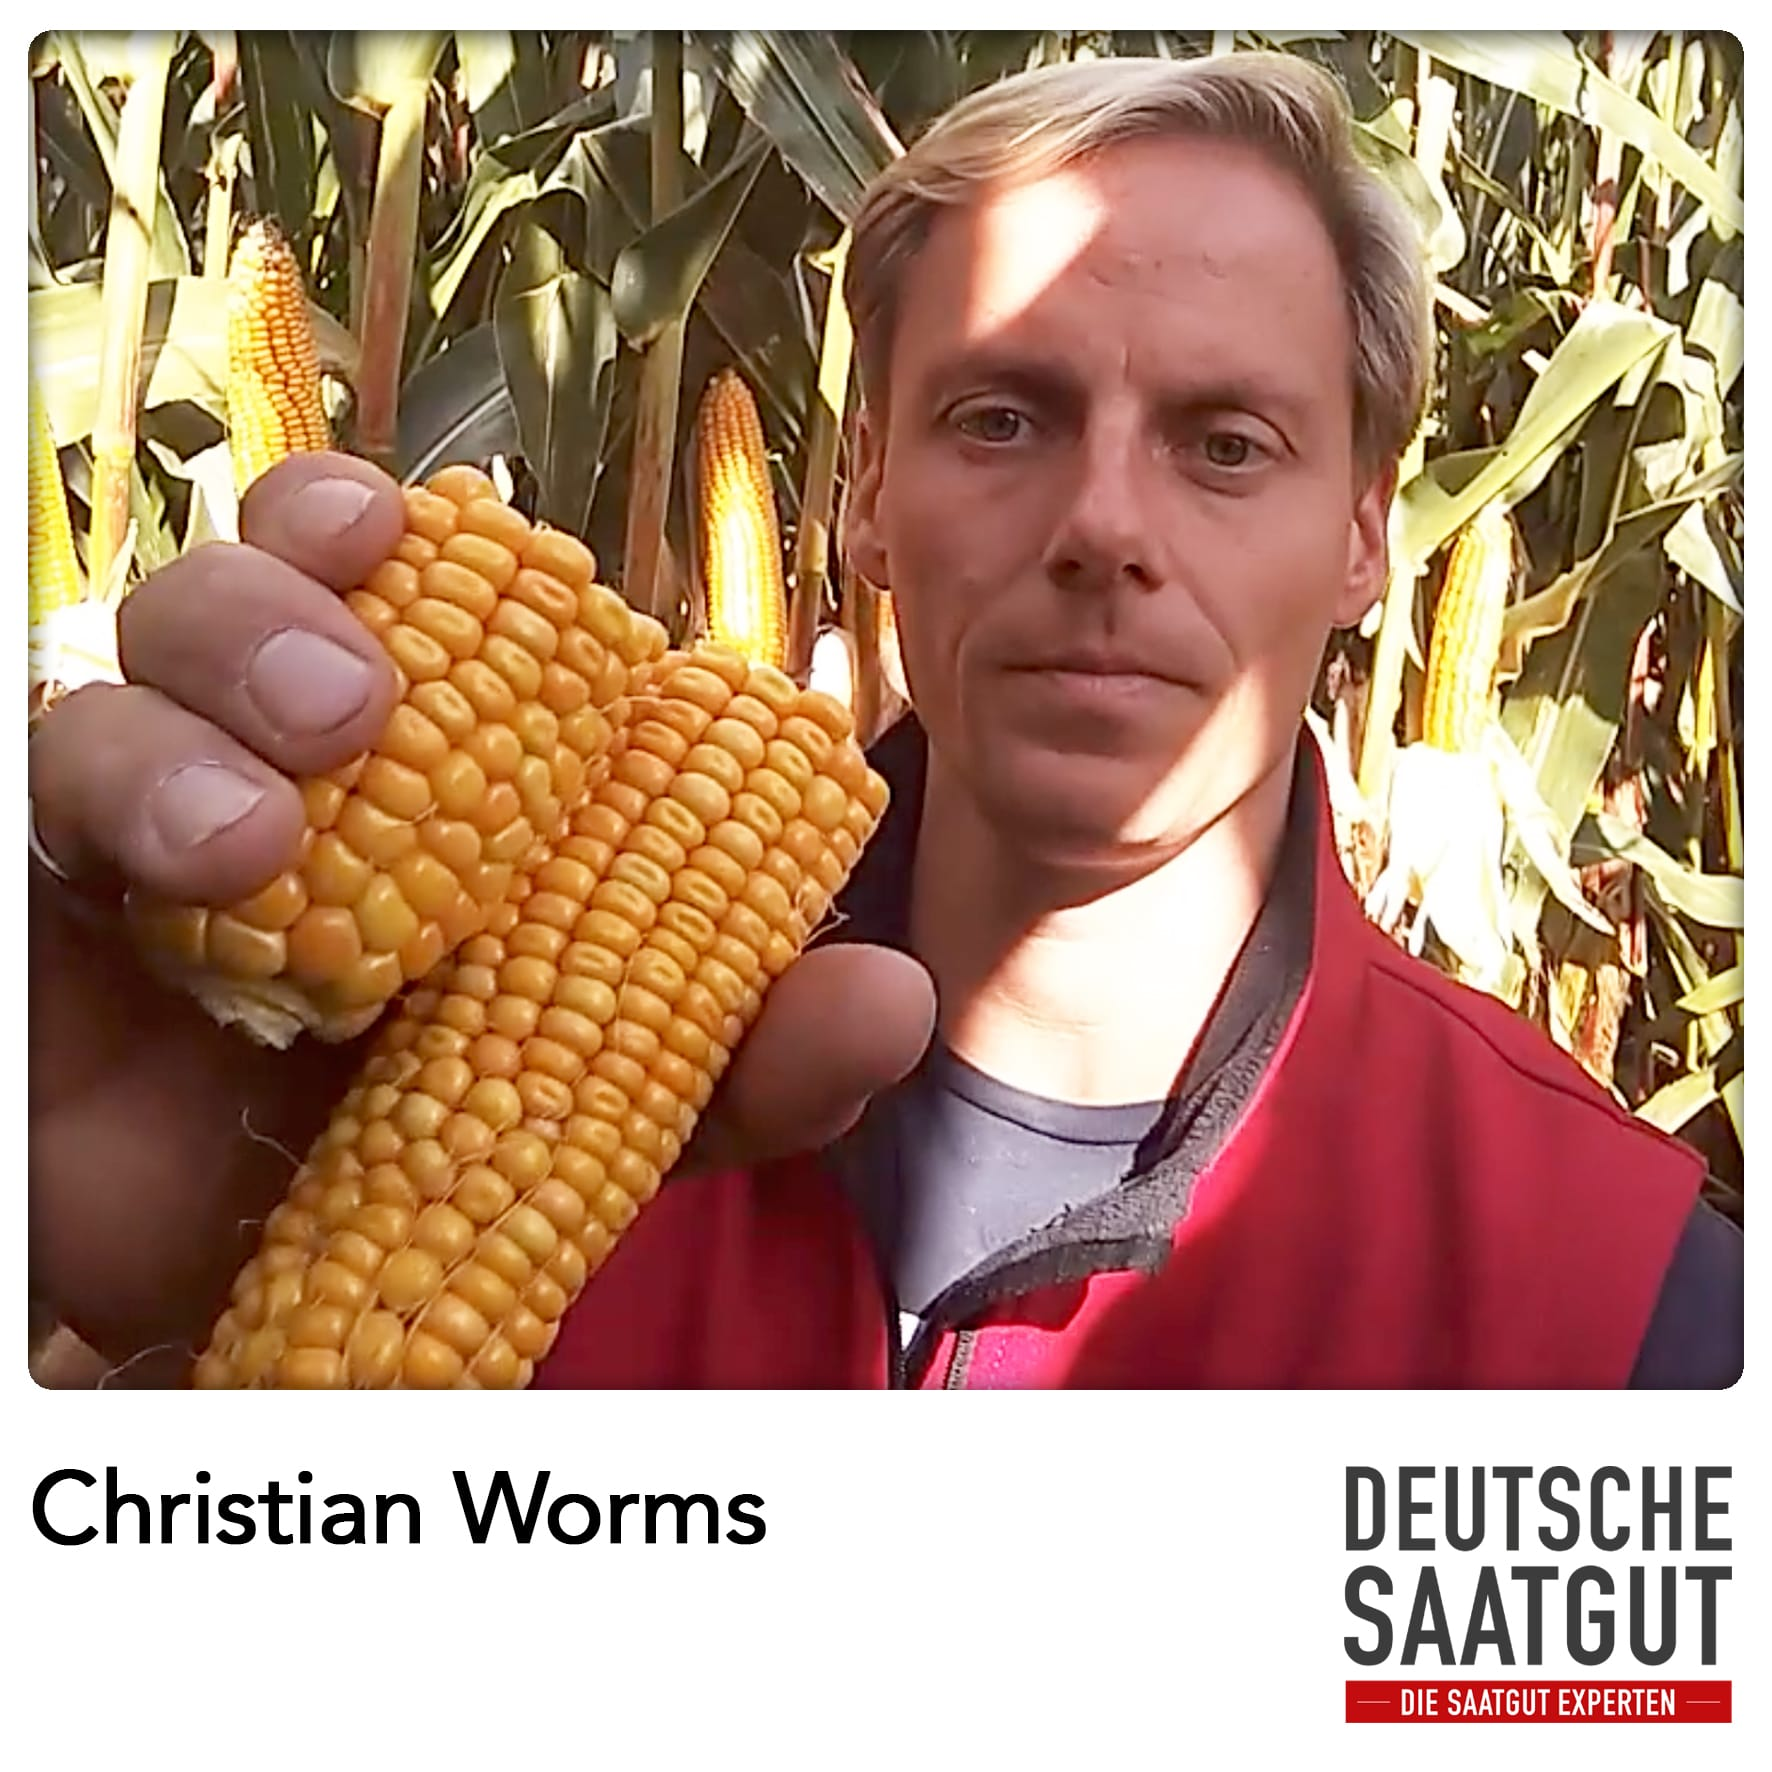 Christian Worms beim Mais-Exaktversuch in Bülow (Mecklenburg-Vorpommern)